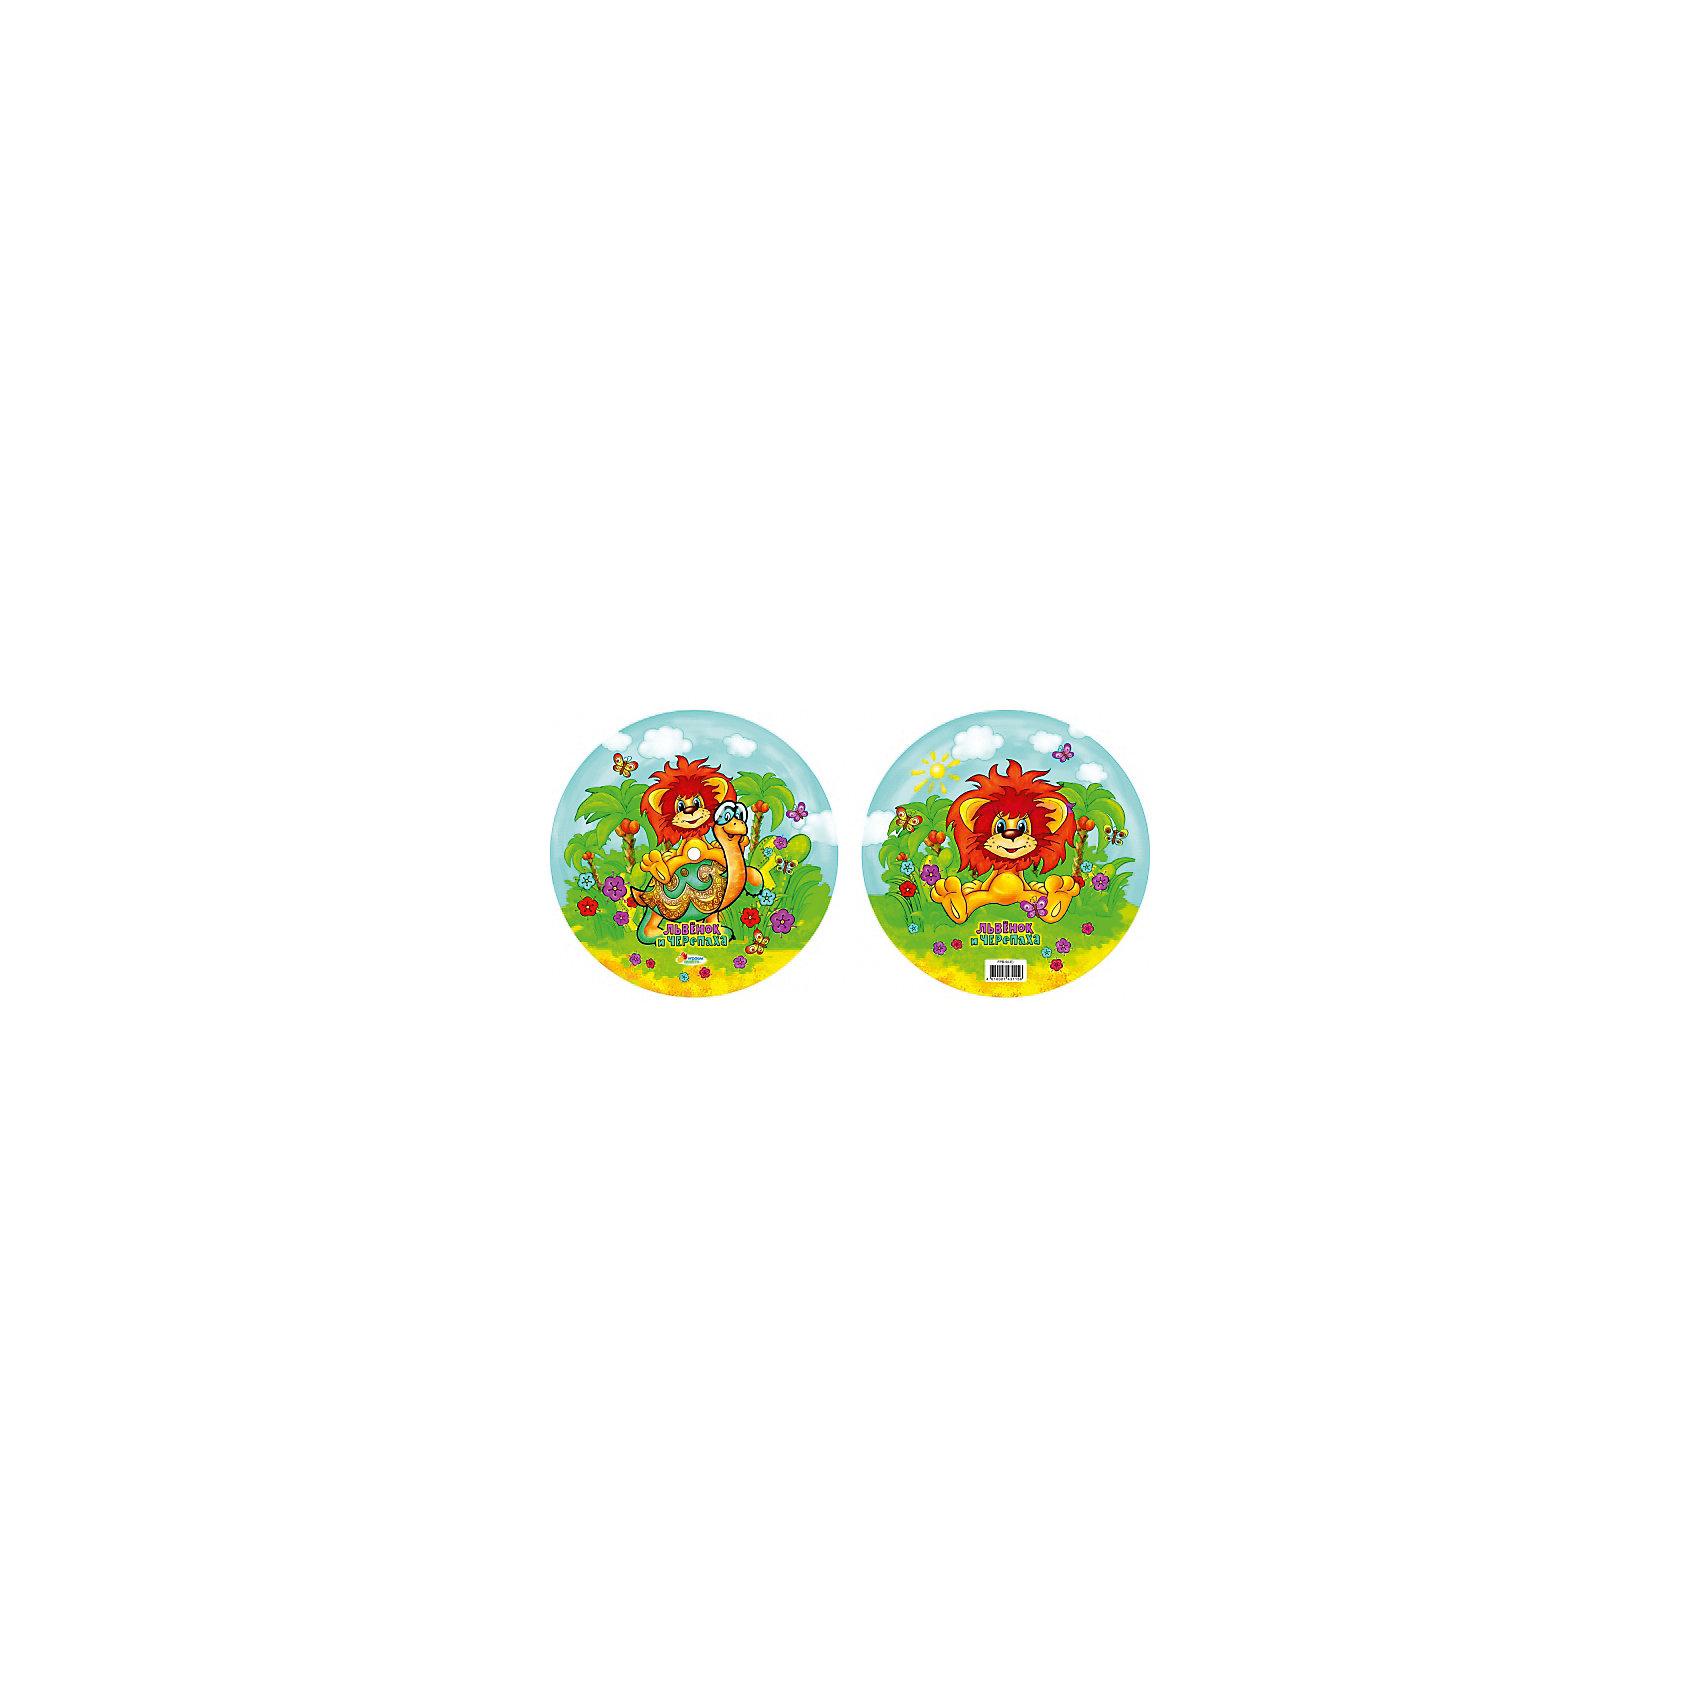 Мяч Львенок и Черепаха, 23 см, Играем ВместеМячи детские<br><br><br>Ширина мм: 400<br>Глубина мм: 50<br>Высота мм: 140<br>Вес г: 140<br>Возраст от месяцев: 36<br>Возраст до месяцев: 60<br>Пол: Унисекс<br>Возраст: Детский<br>SKU: 6848815